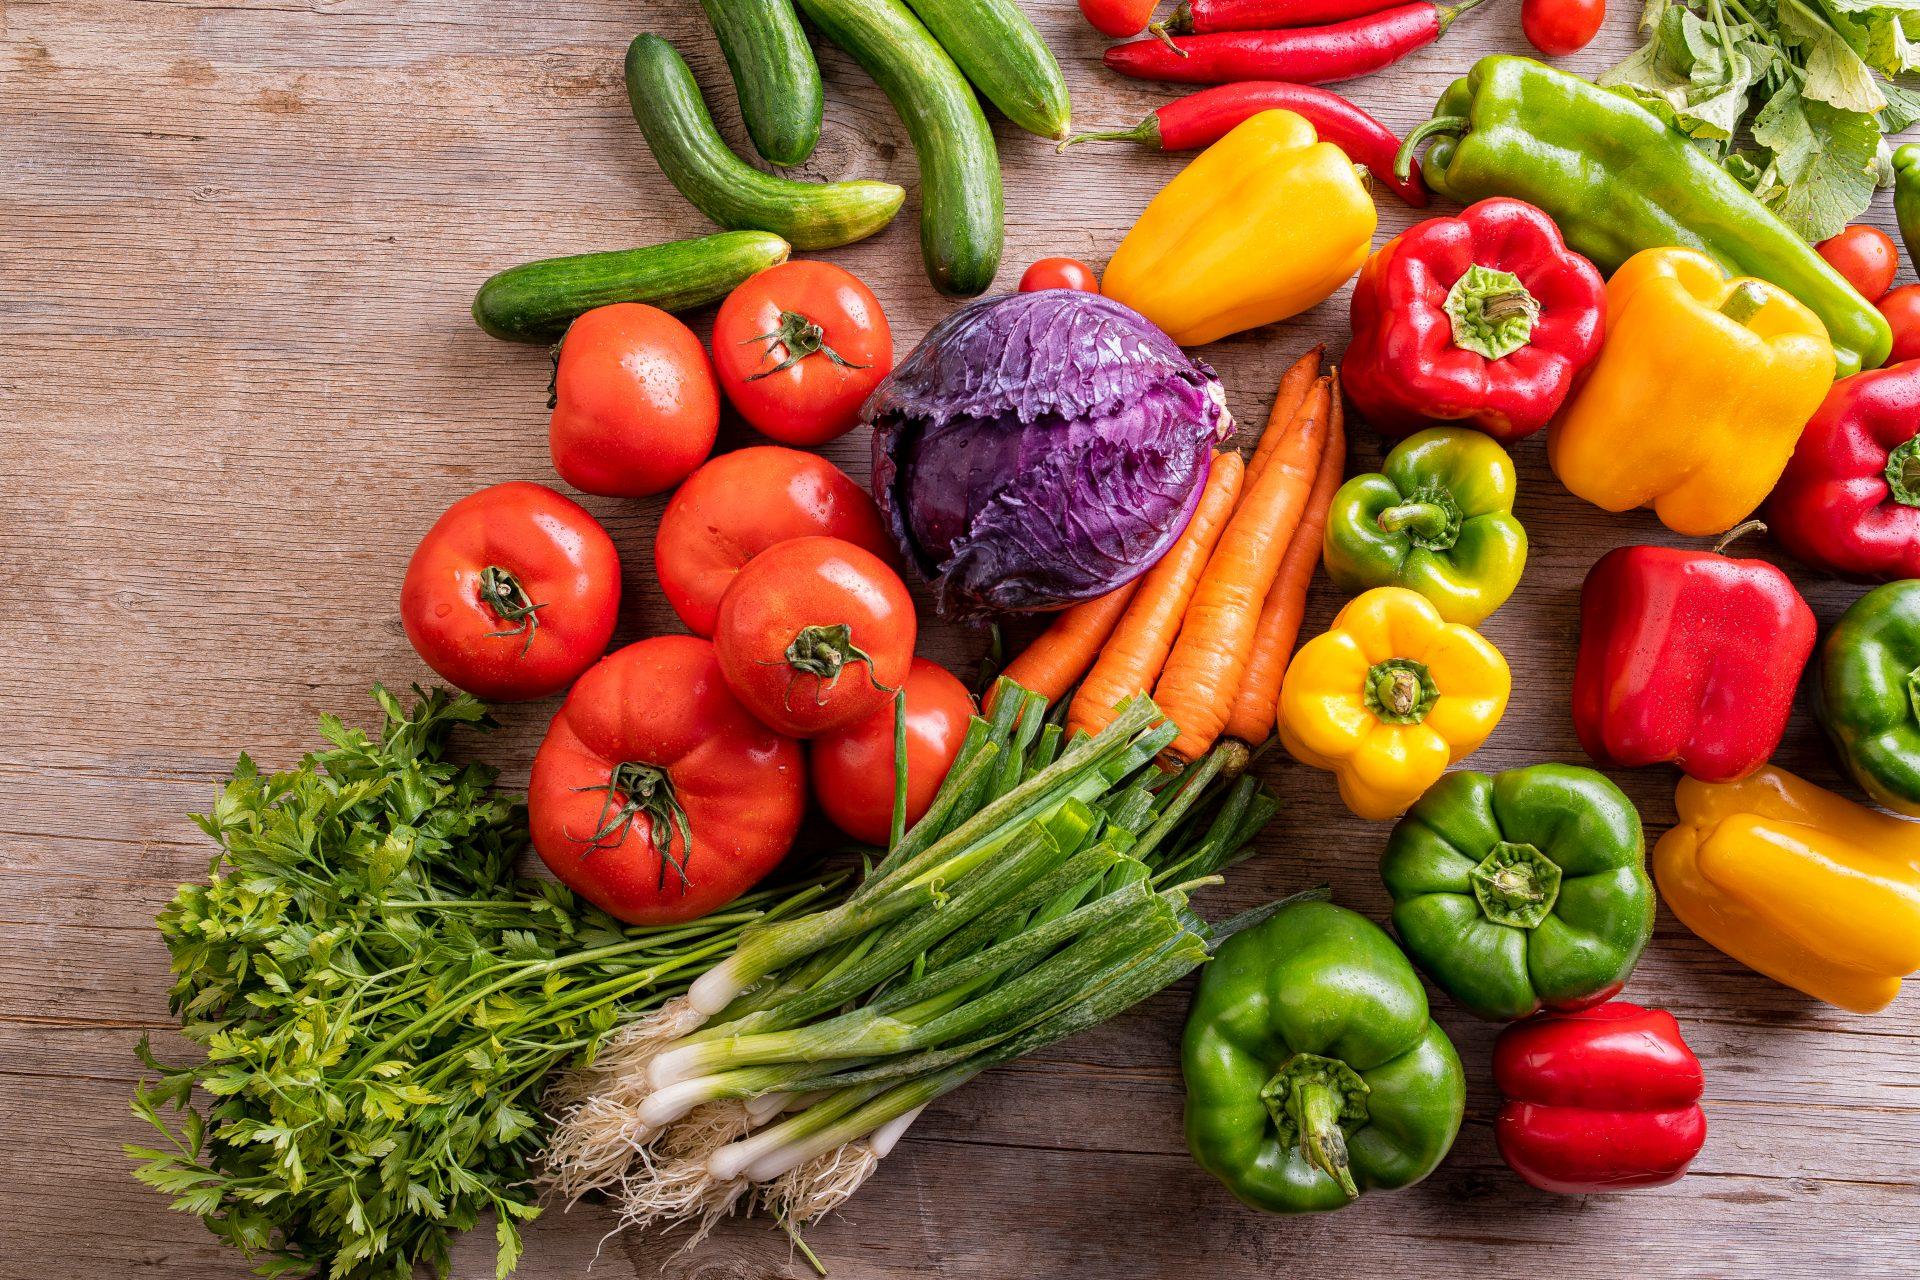 חנות ירקות ברעננה (Shutterstock) צילום:diplomedia